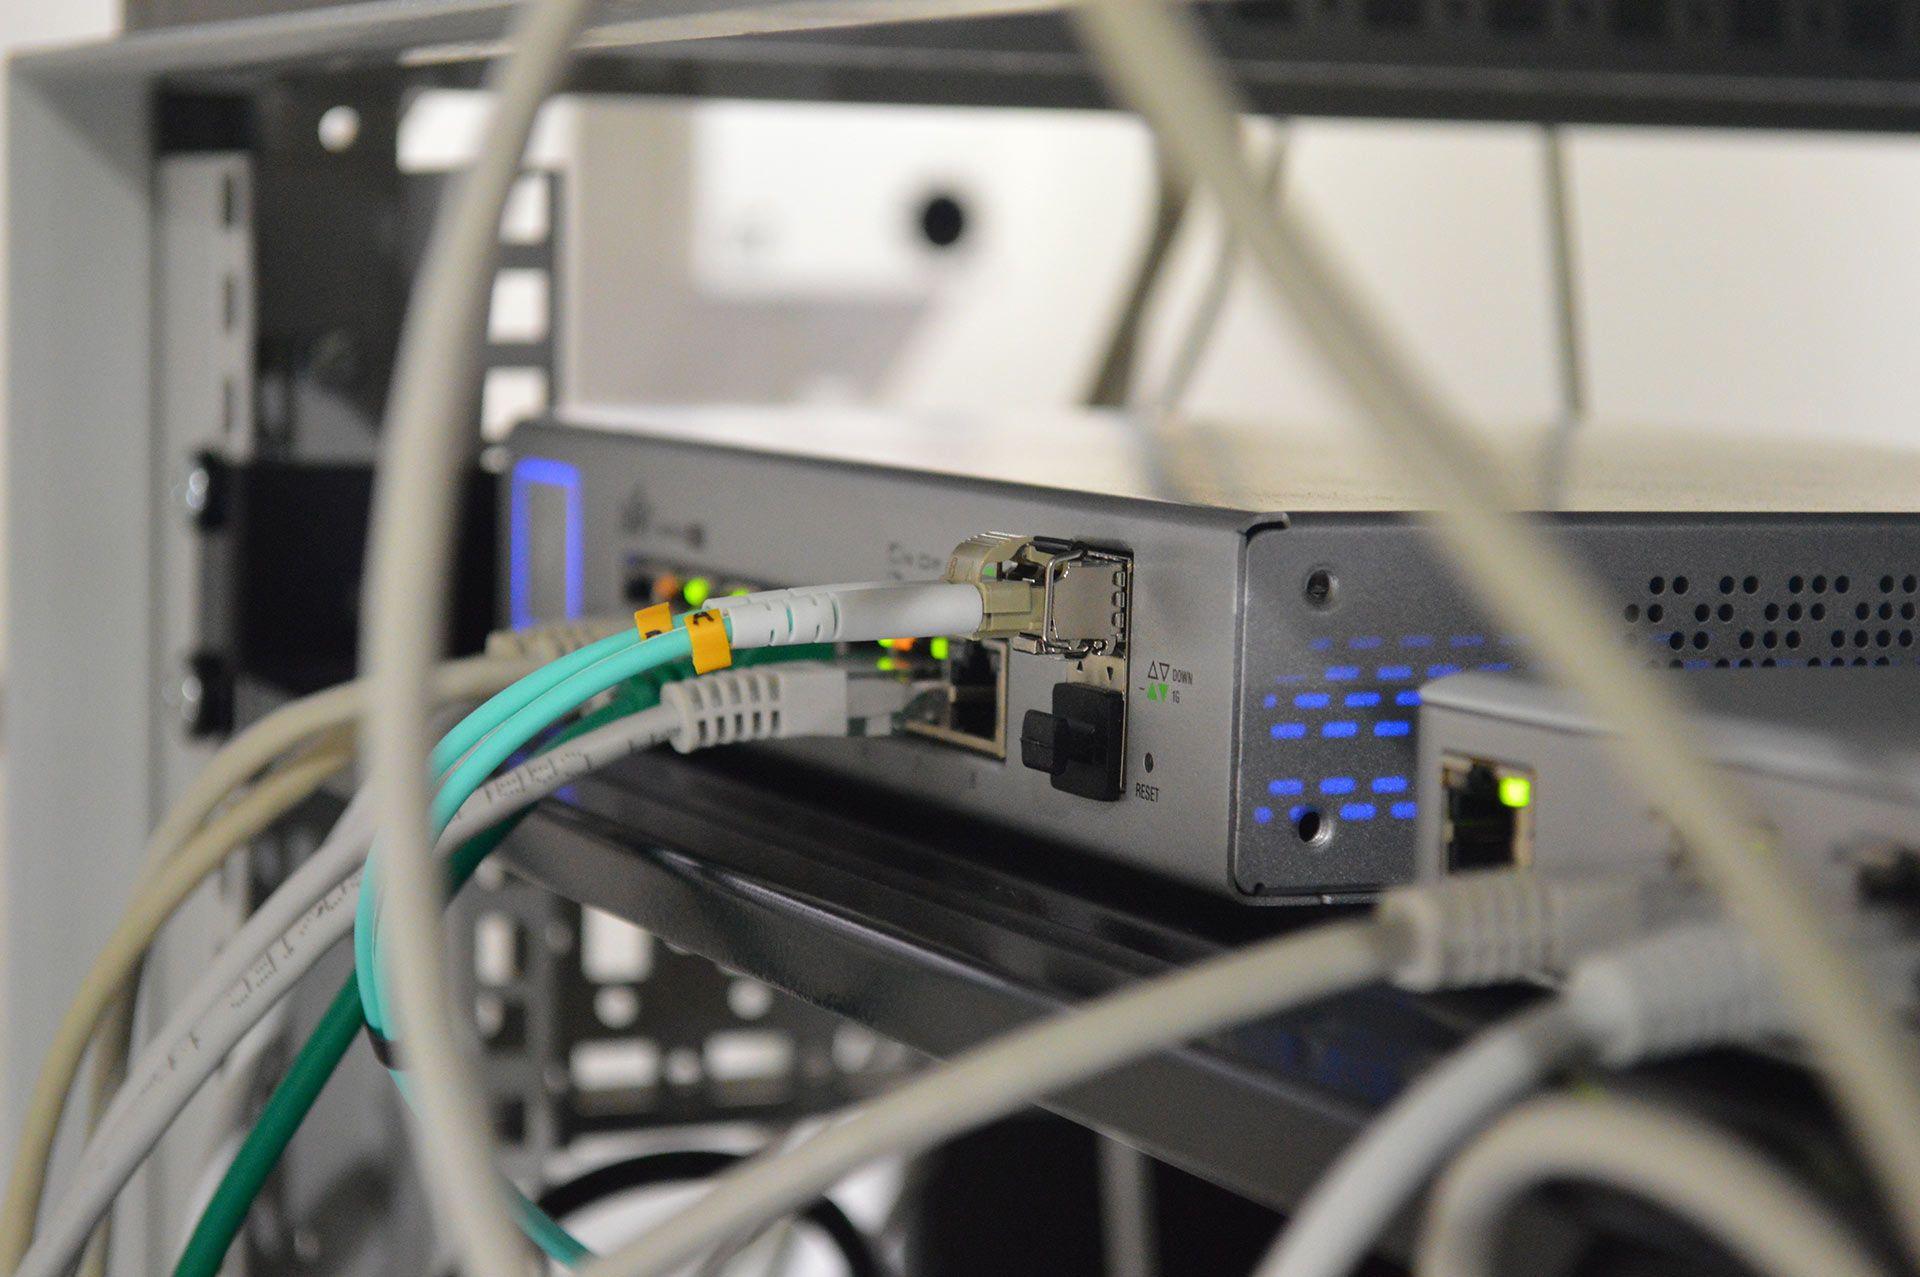 Bos Informatique paramètre les réseaux internet haut débit à Fos sur mer